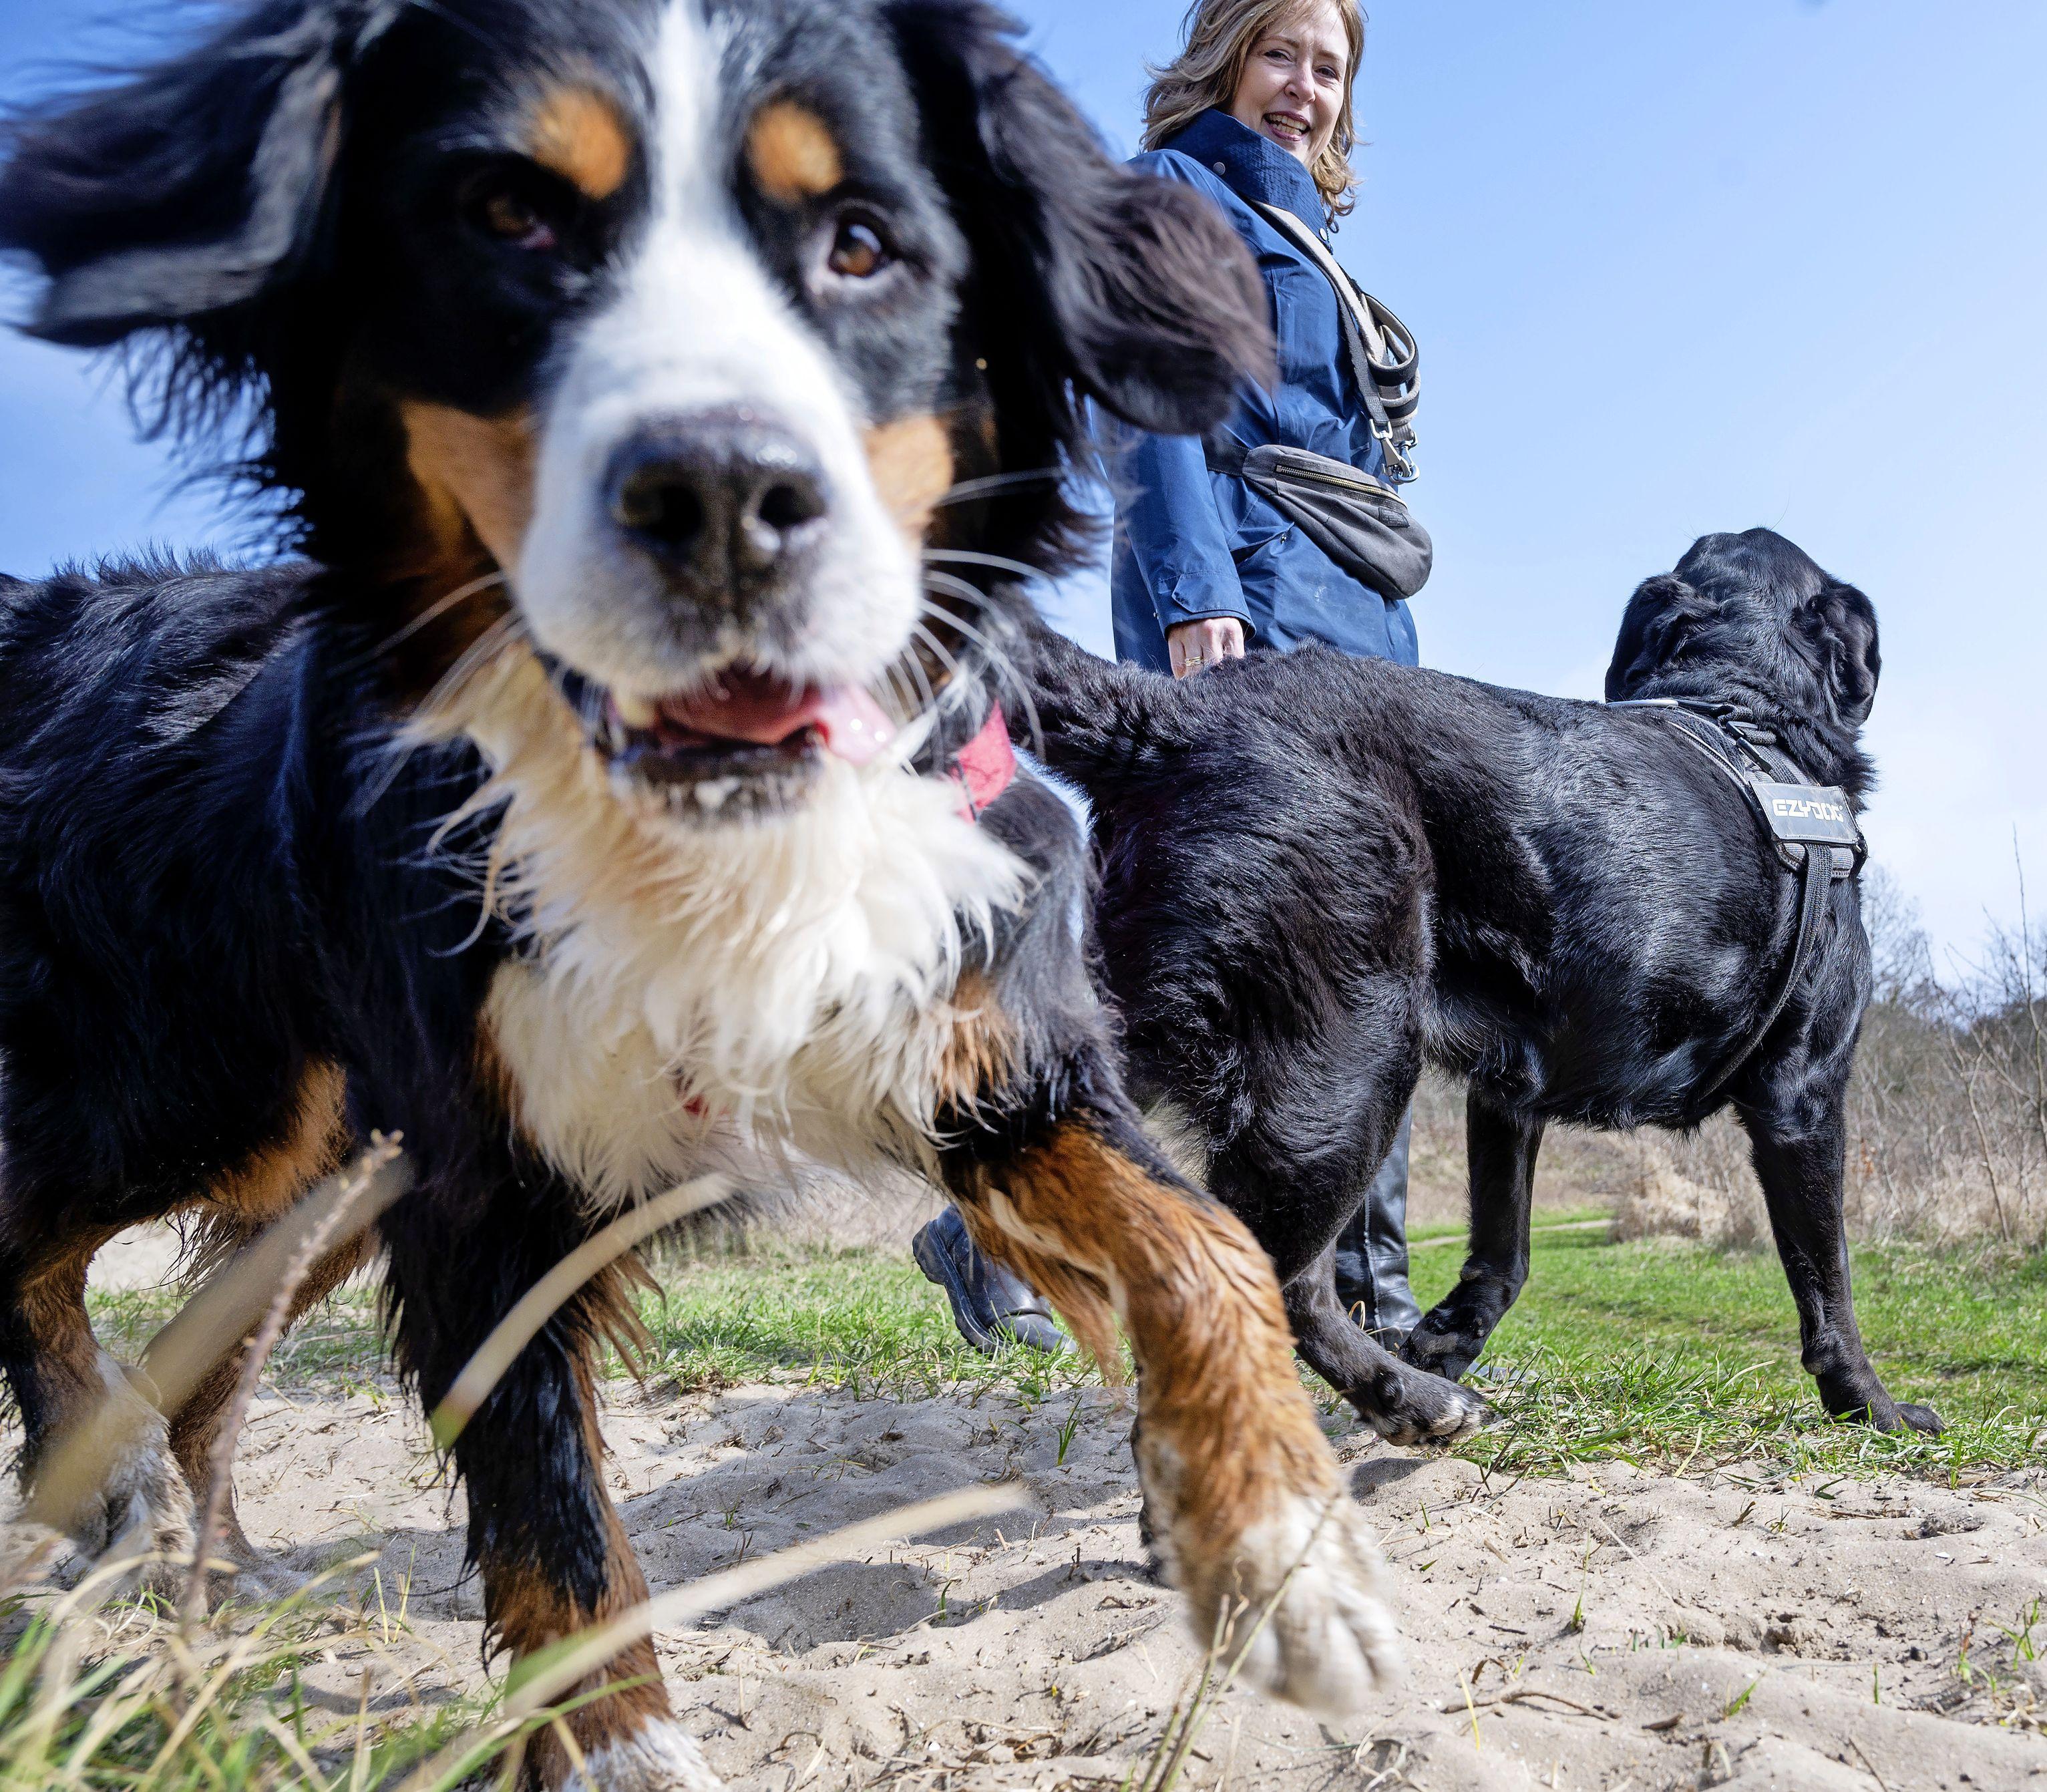 Honden toch aan de lijn bij Bokkedoorns: 'Hier hebben we geen begrip voor. Het is de enige plek in de duinen waar ze lekker kunnen zwemmen en loslopen'